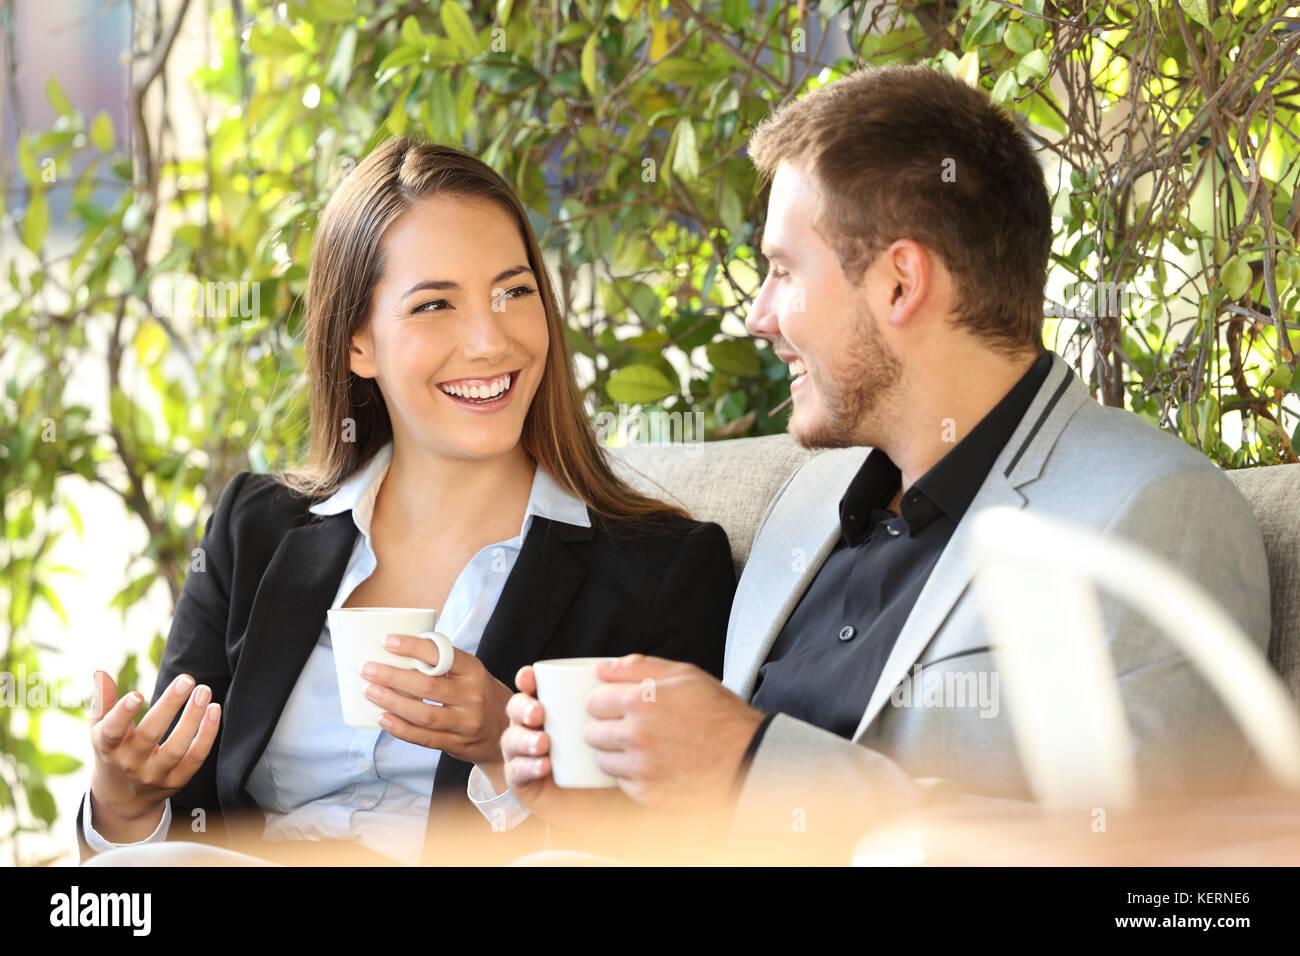 Dos ejecutivos feliz hablando en un café sentado en un bar terraza Imagen De Stock